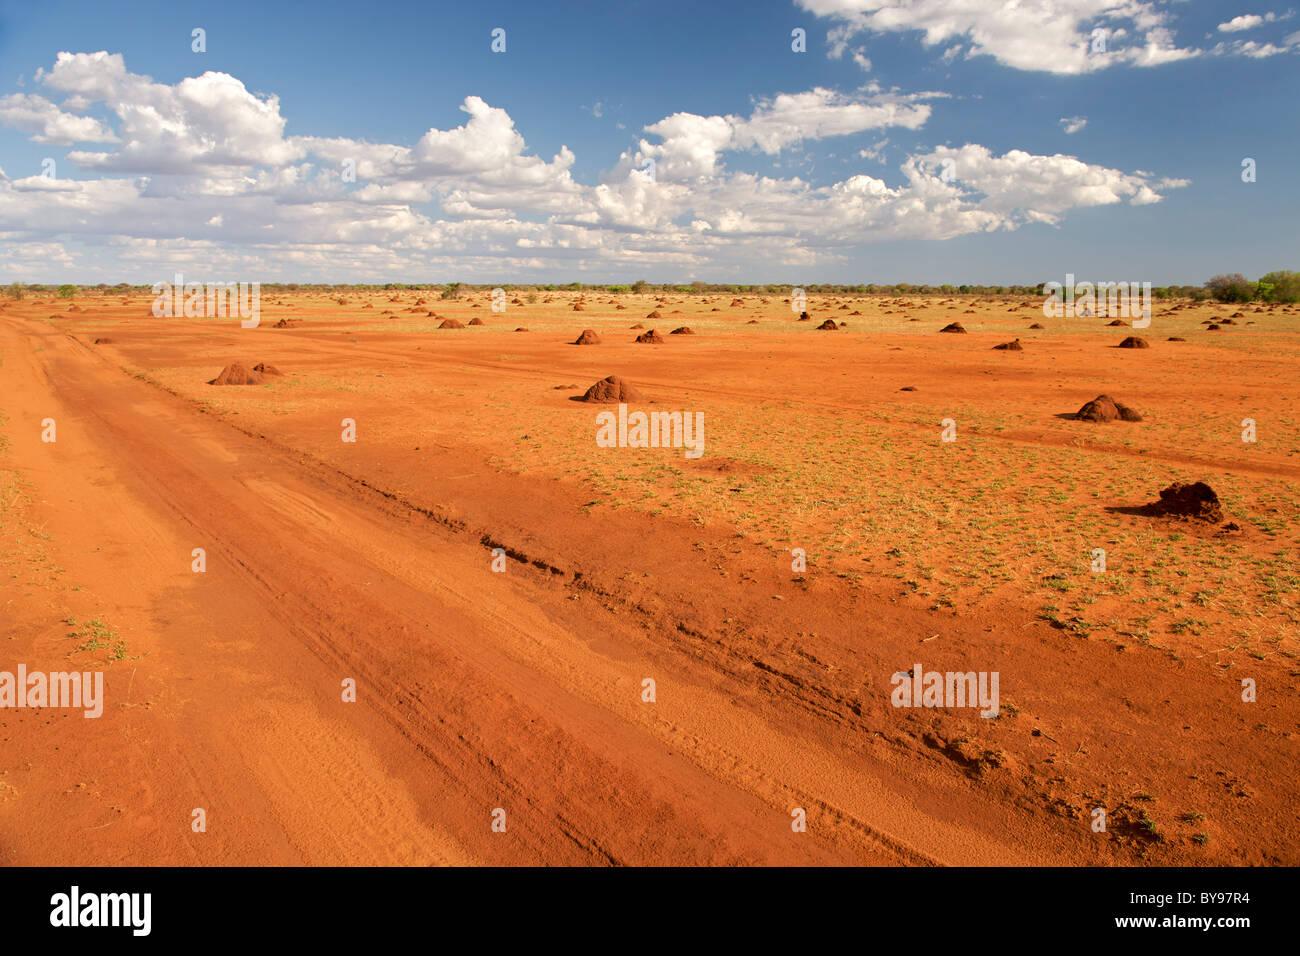 Karge, Ameisenhaufen bewachsenen Landschaft im südwestlichen Madagaskar an der Straße von Betioky zum Stockbild